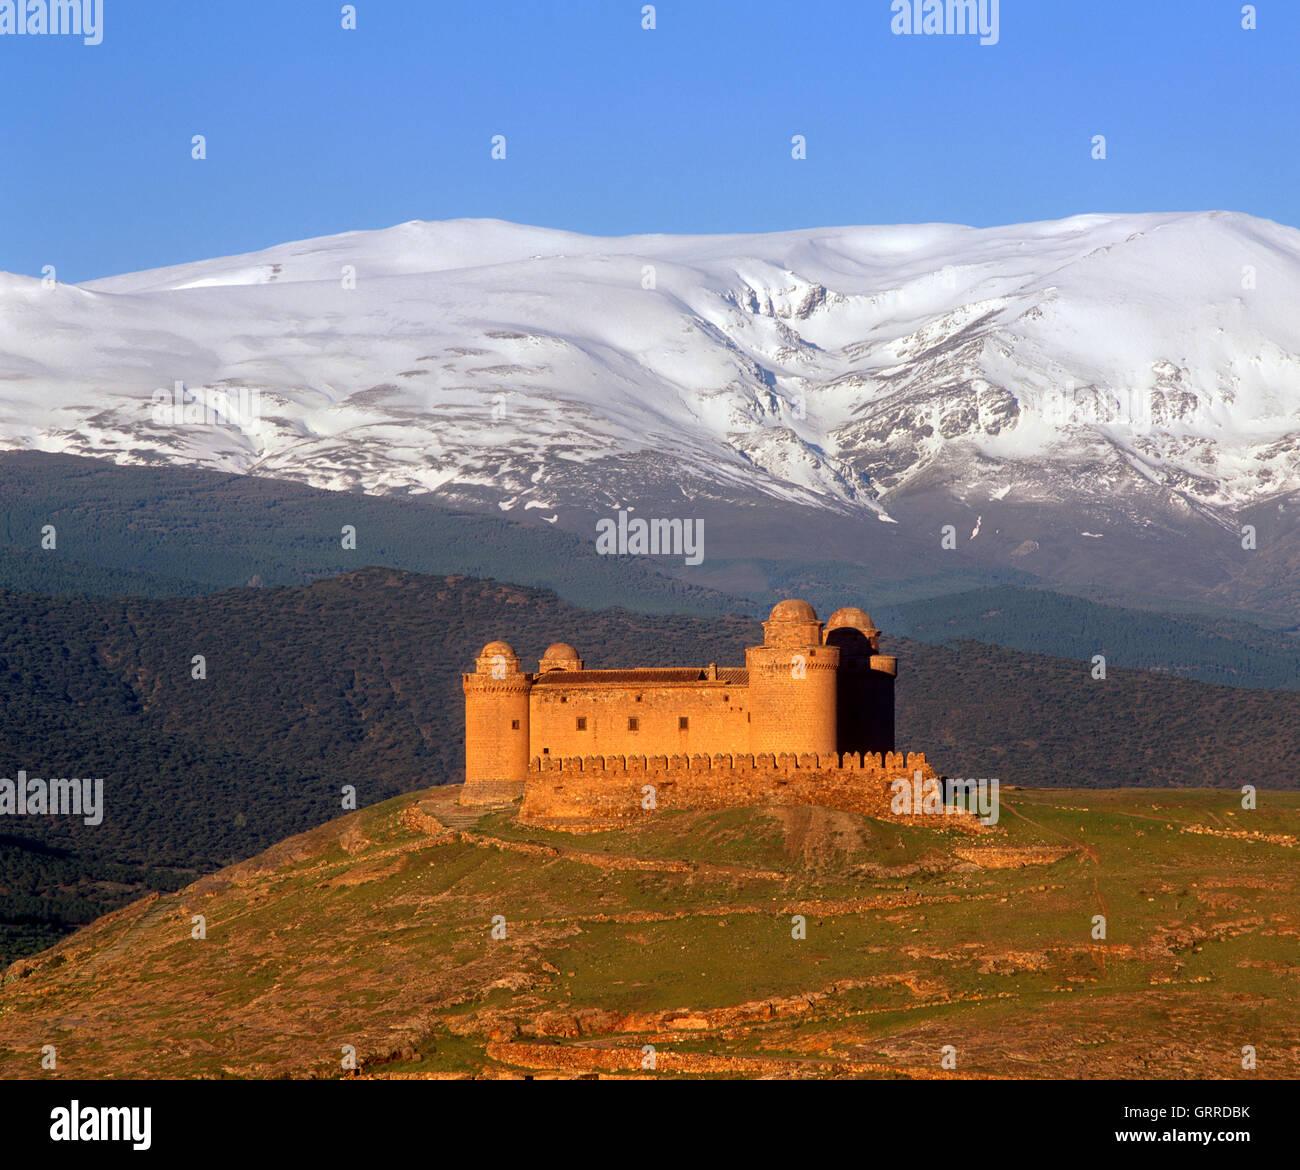 La Calahorra Castello e la Snow capped Sierra Nevada, provincia di Granada, Andalusia, Spagna Immagini Stock